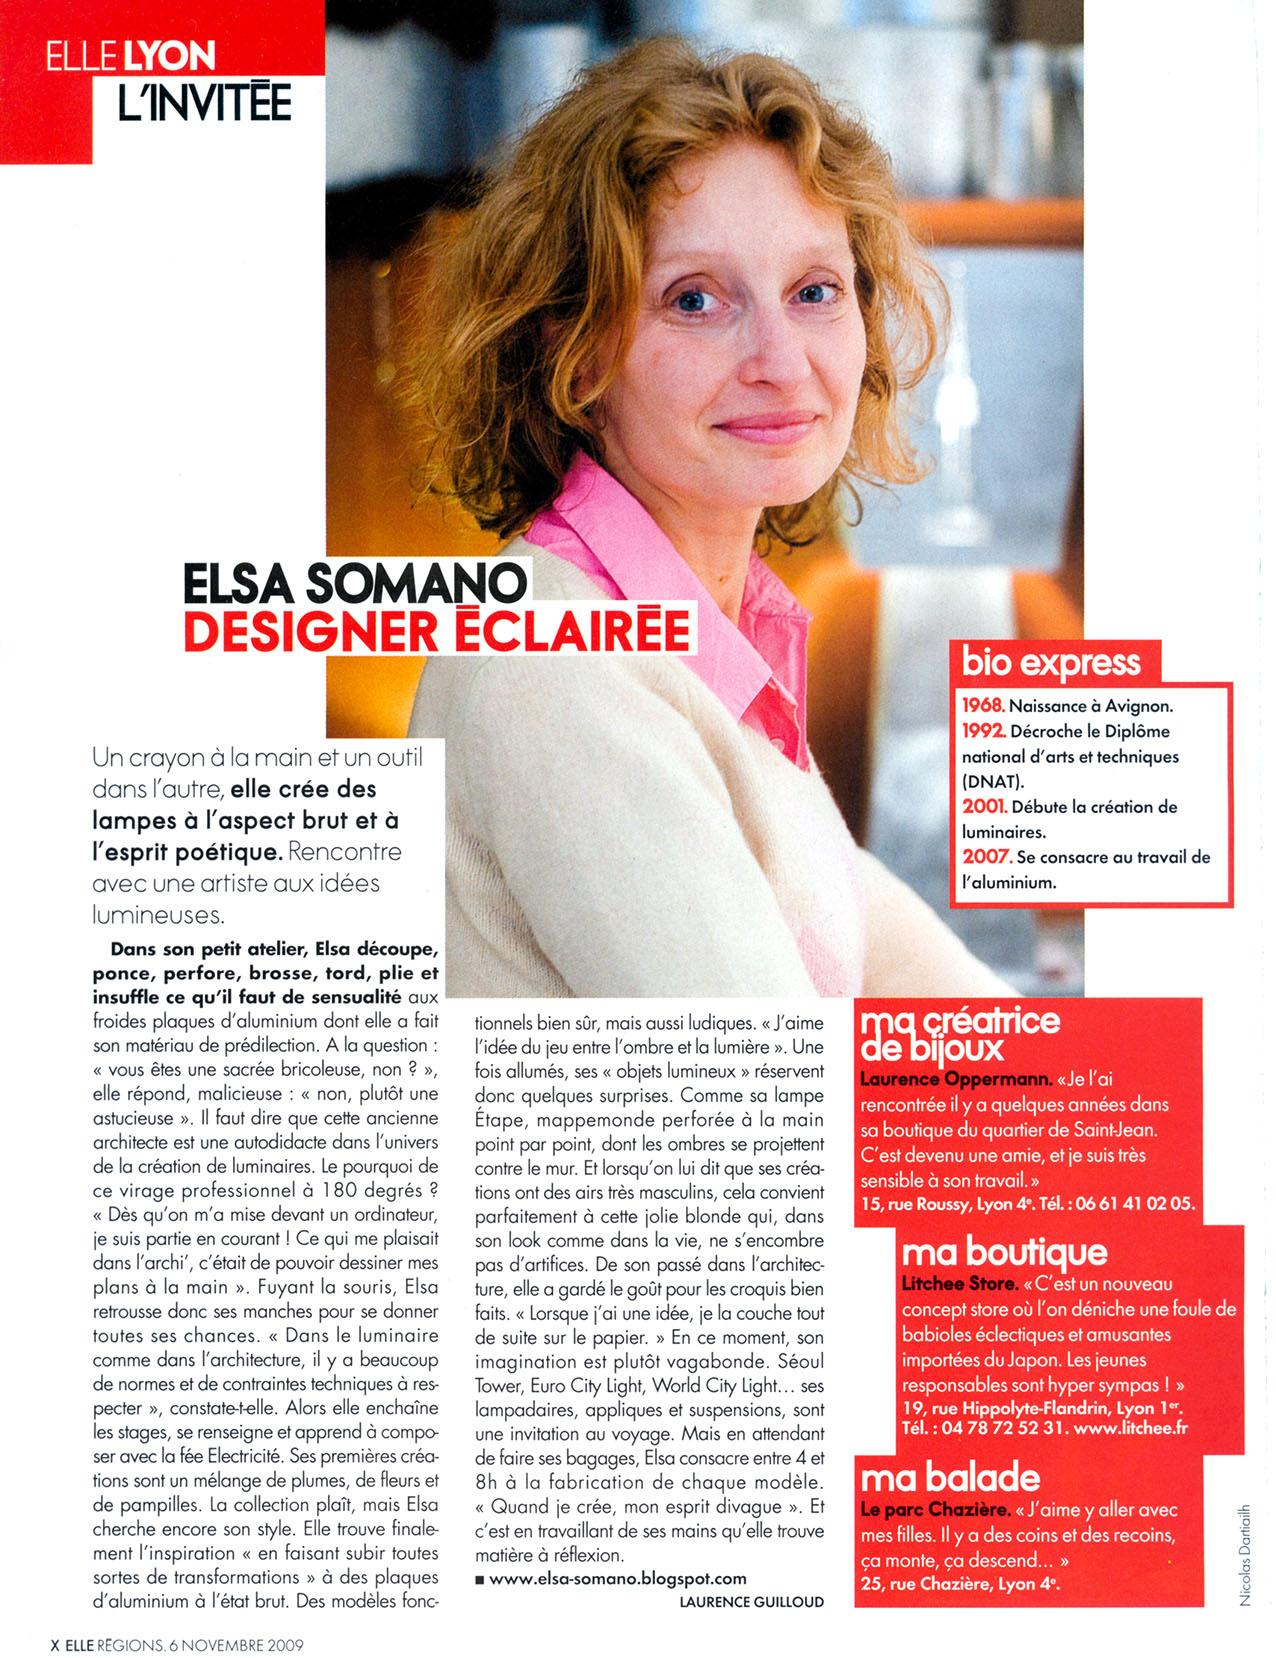 Elle Lyon - Elsa Somano - 2009